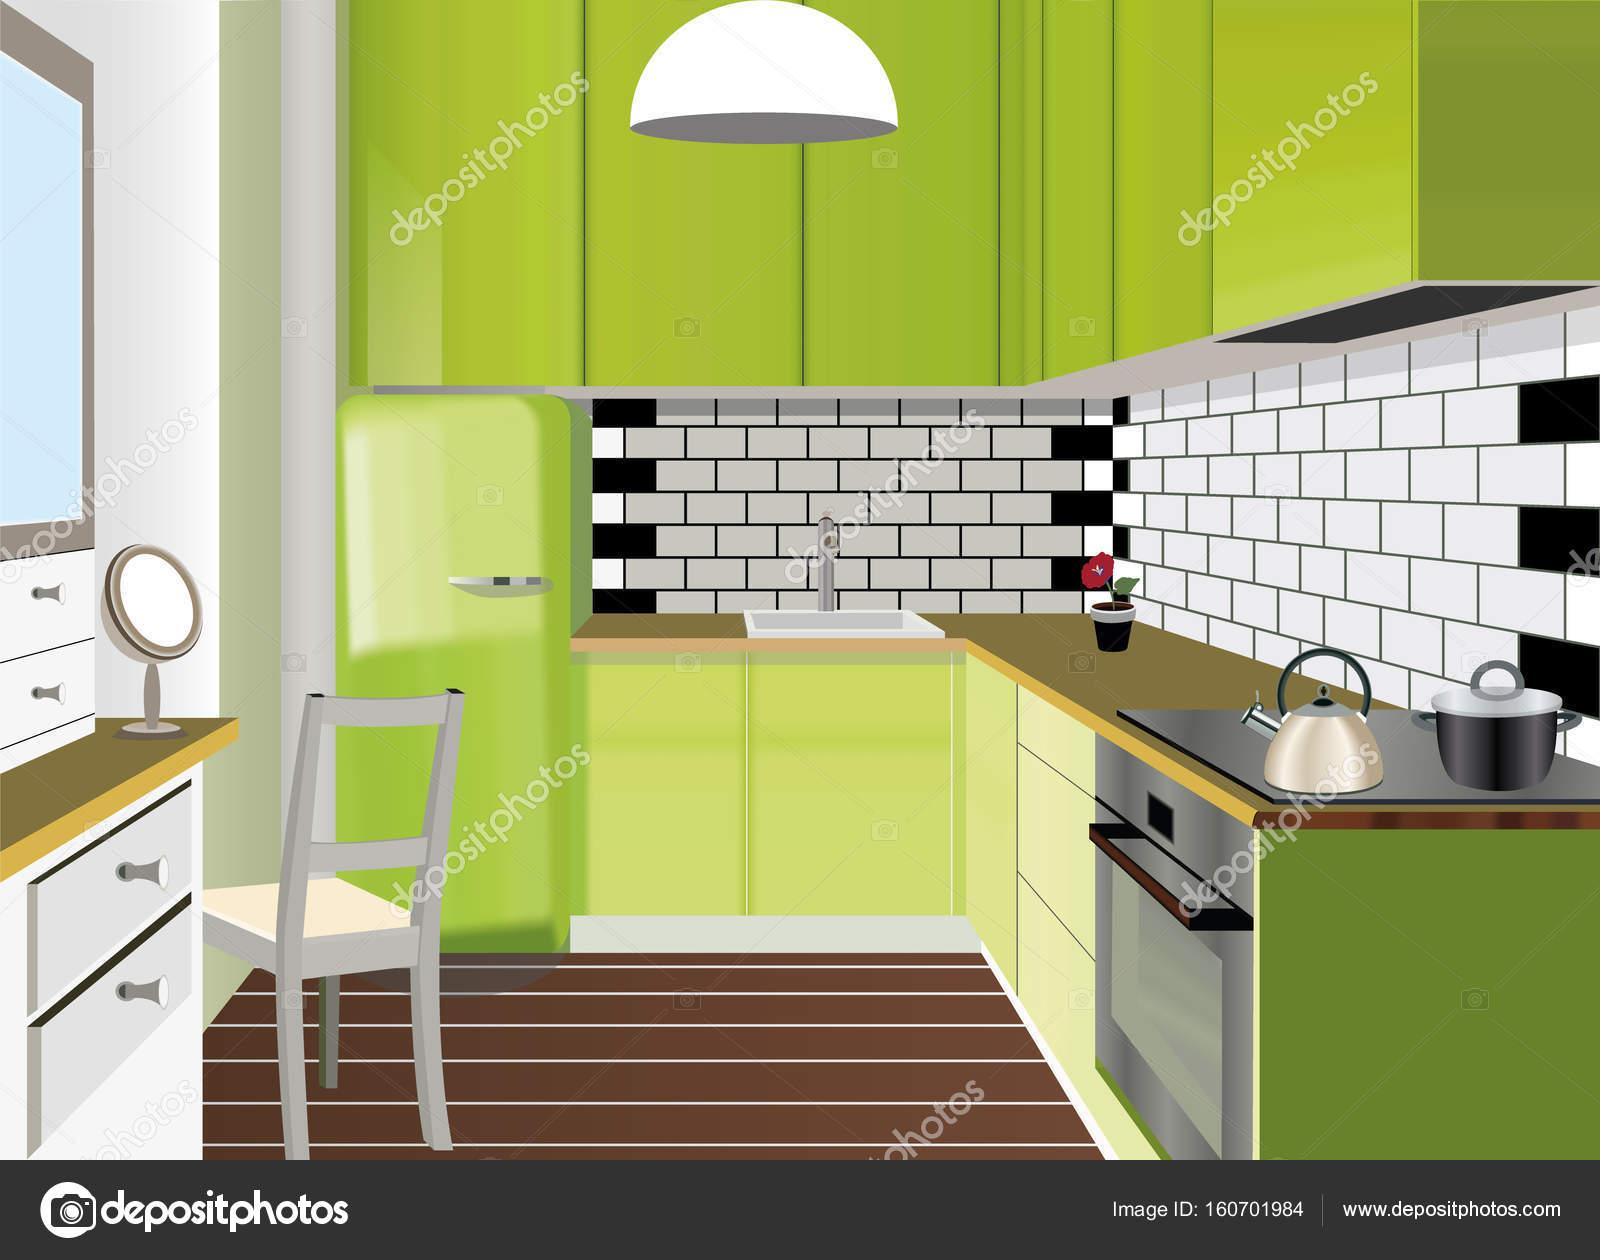 Fondo interno di cucina con mobili. Disegno moderno della cucina ...